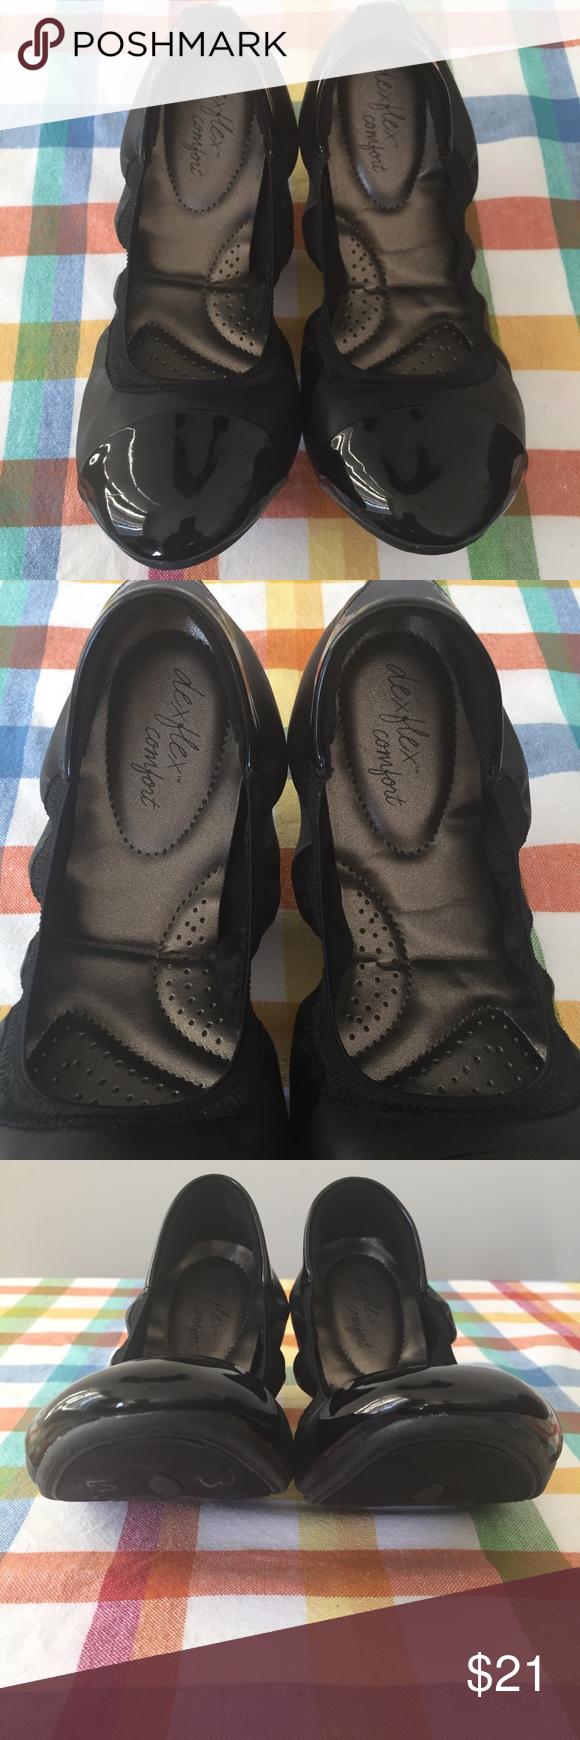 f9d198acbd Dexflex Comfort Black Claire Scrunch Flats Size 7 Dexflex Comfort Women's  Black Claire Scrunch Flats Size 7 Cap Toe Patent Stretch dexflex comfort  Shoes ...